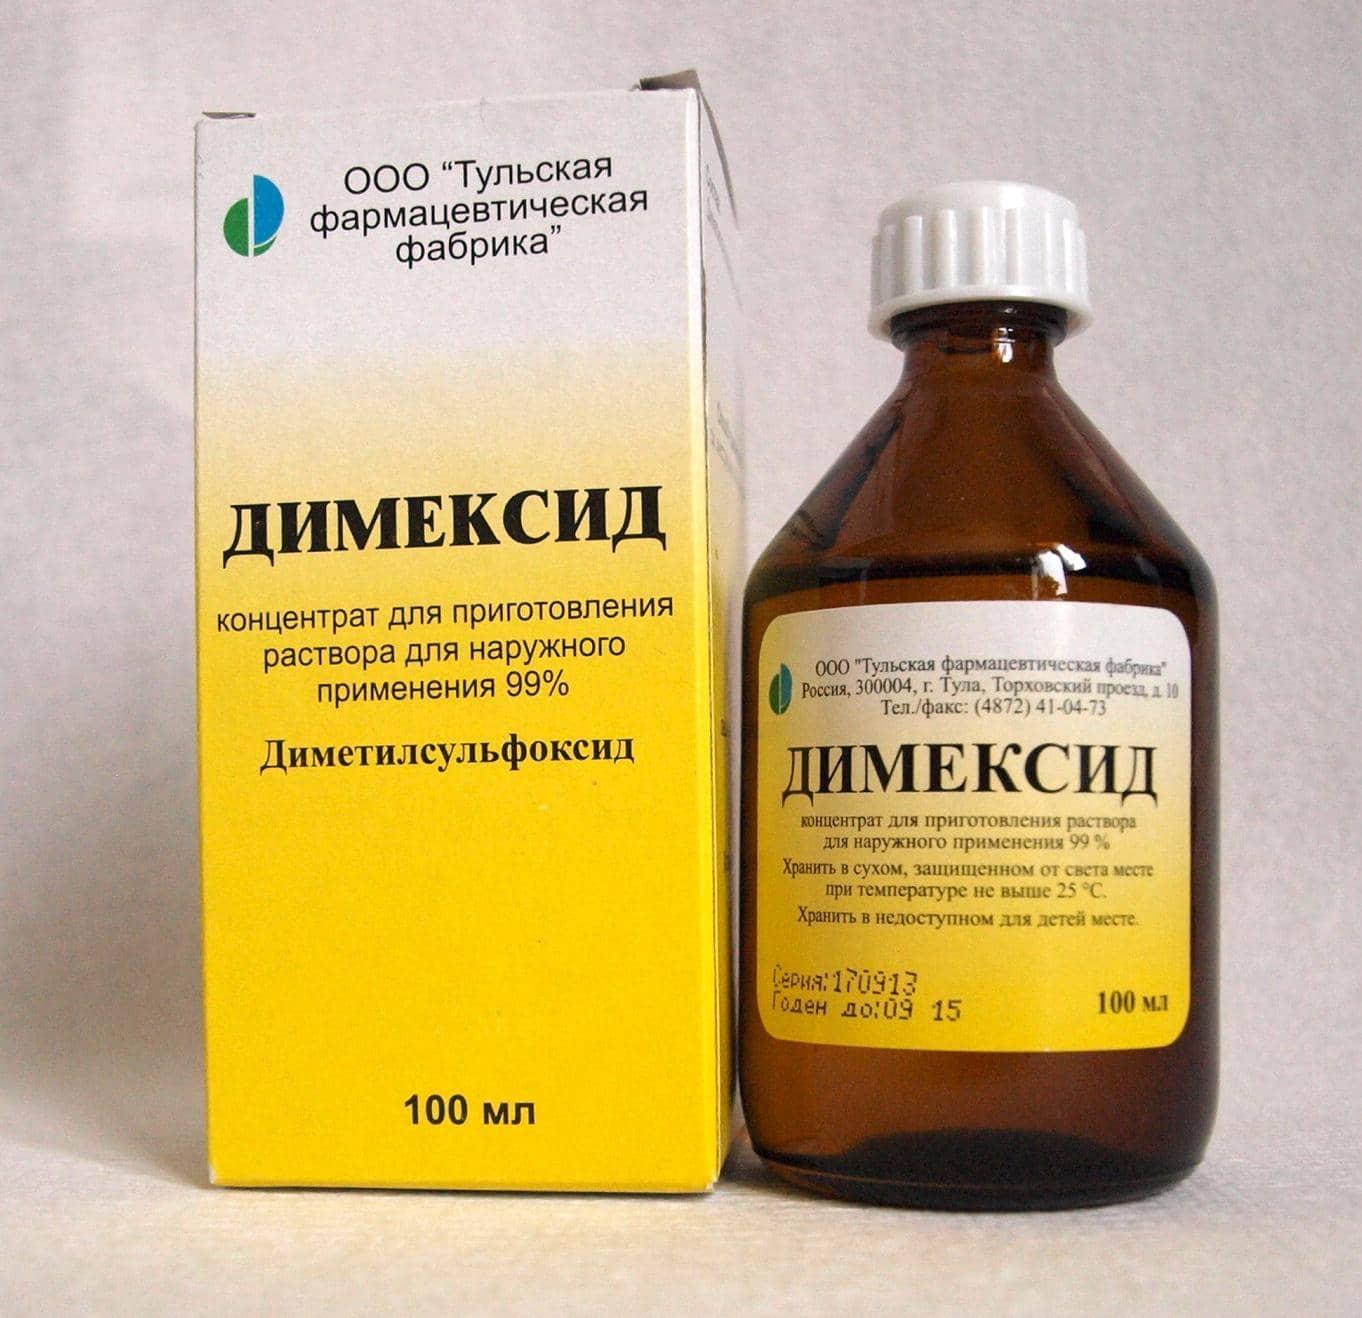 Маска для волос с Димексидом способствует их быстрому восстановлению